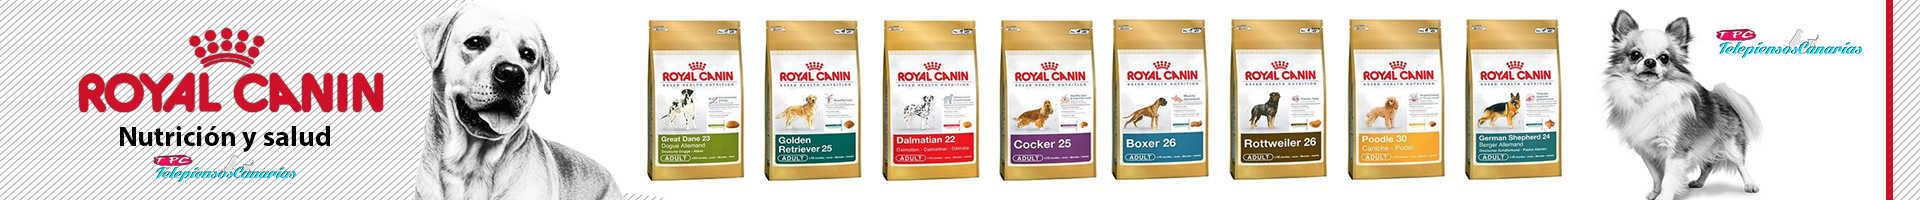 Royal Canin alimentacion perros promo Telepiensoscanarias 2017